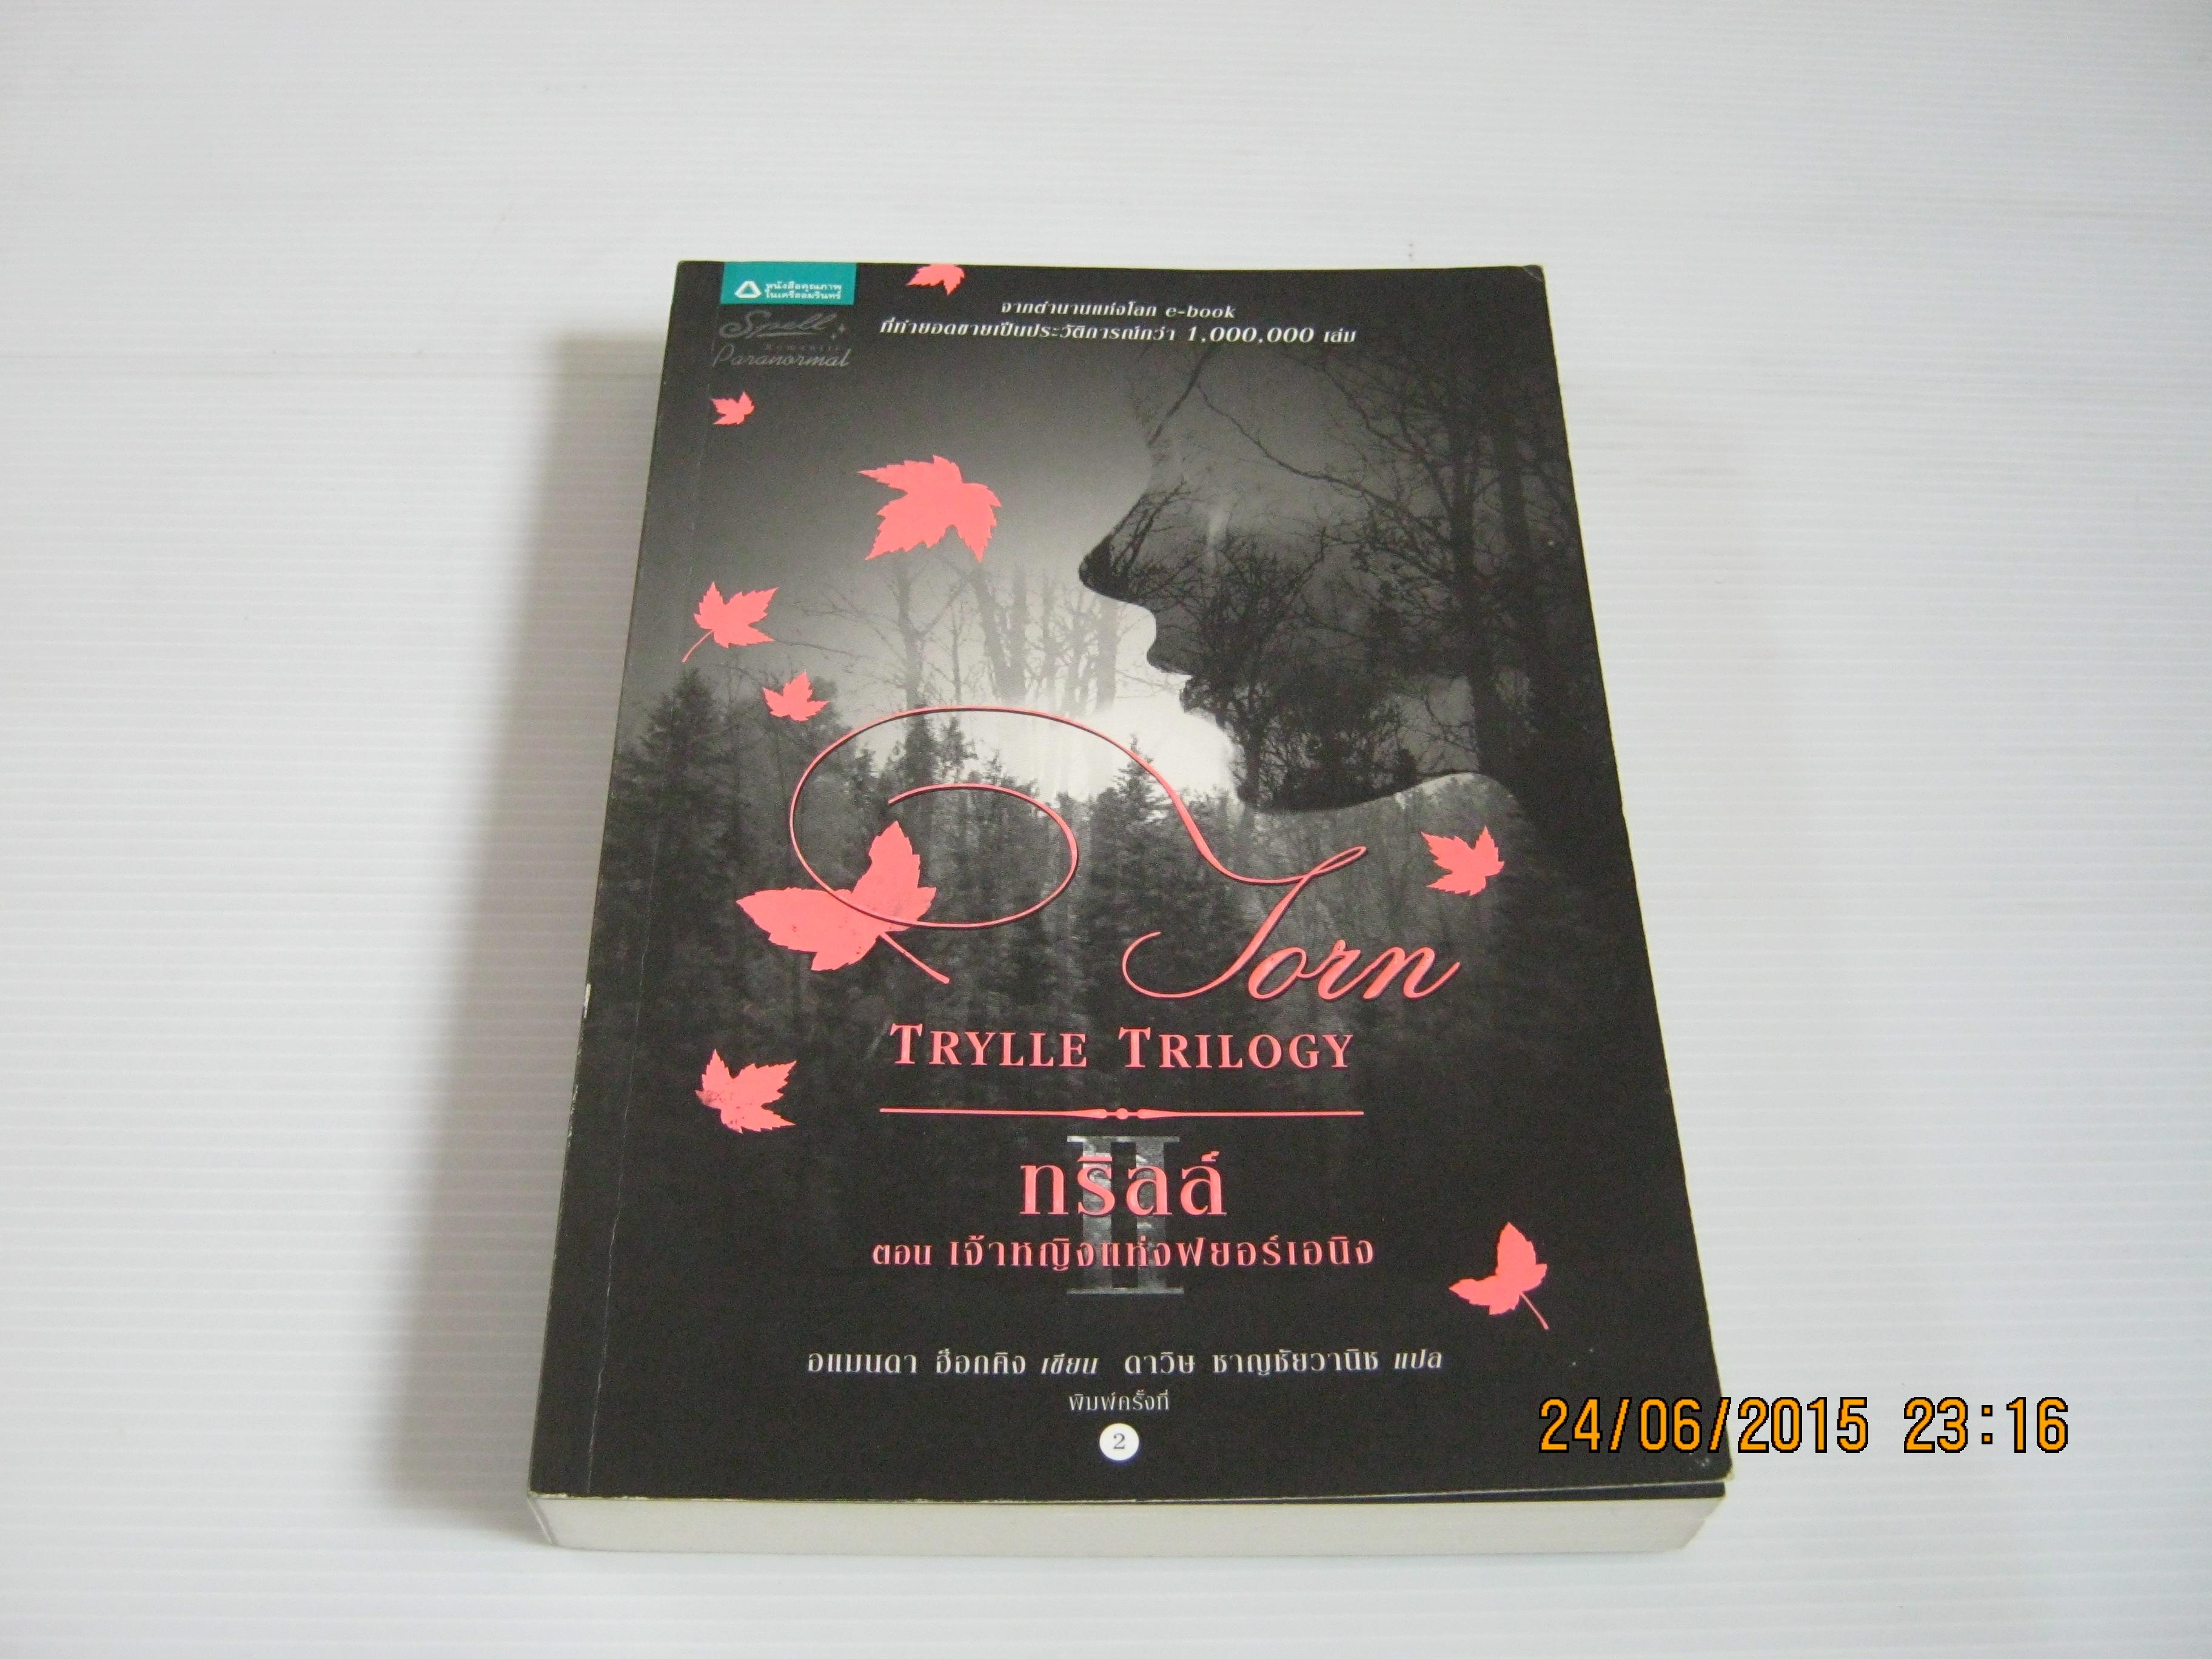 ทริลล์ ตอน เจ้าหญิงแห่งยอร์เอนิง (Torn Trylle Trilogy) อแมนดา ฮ็อกคิง เขียน ดาวิษ ชาญชัยวานิช แปล